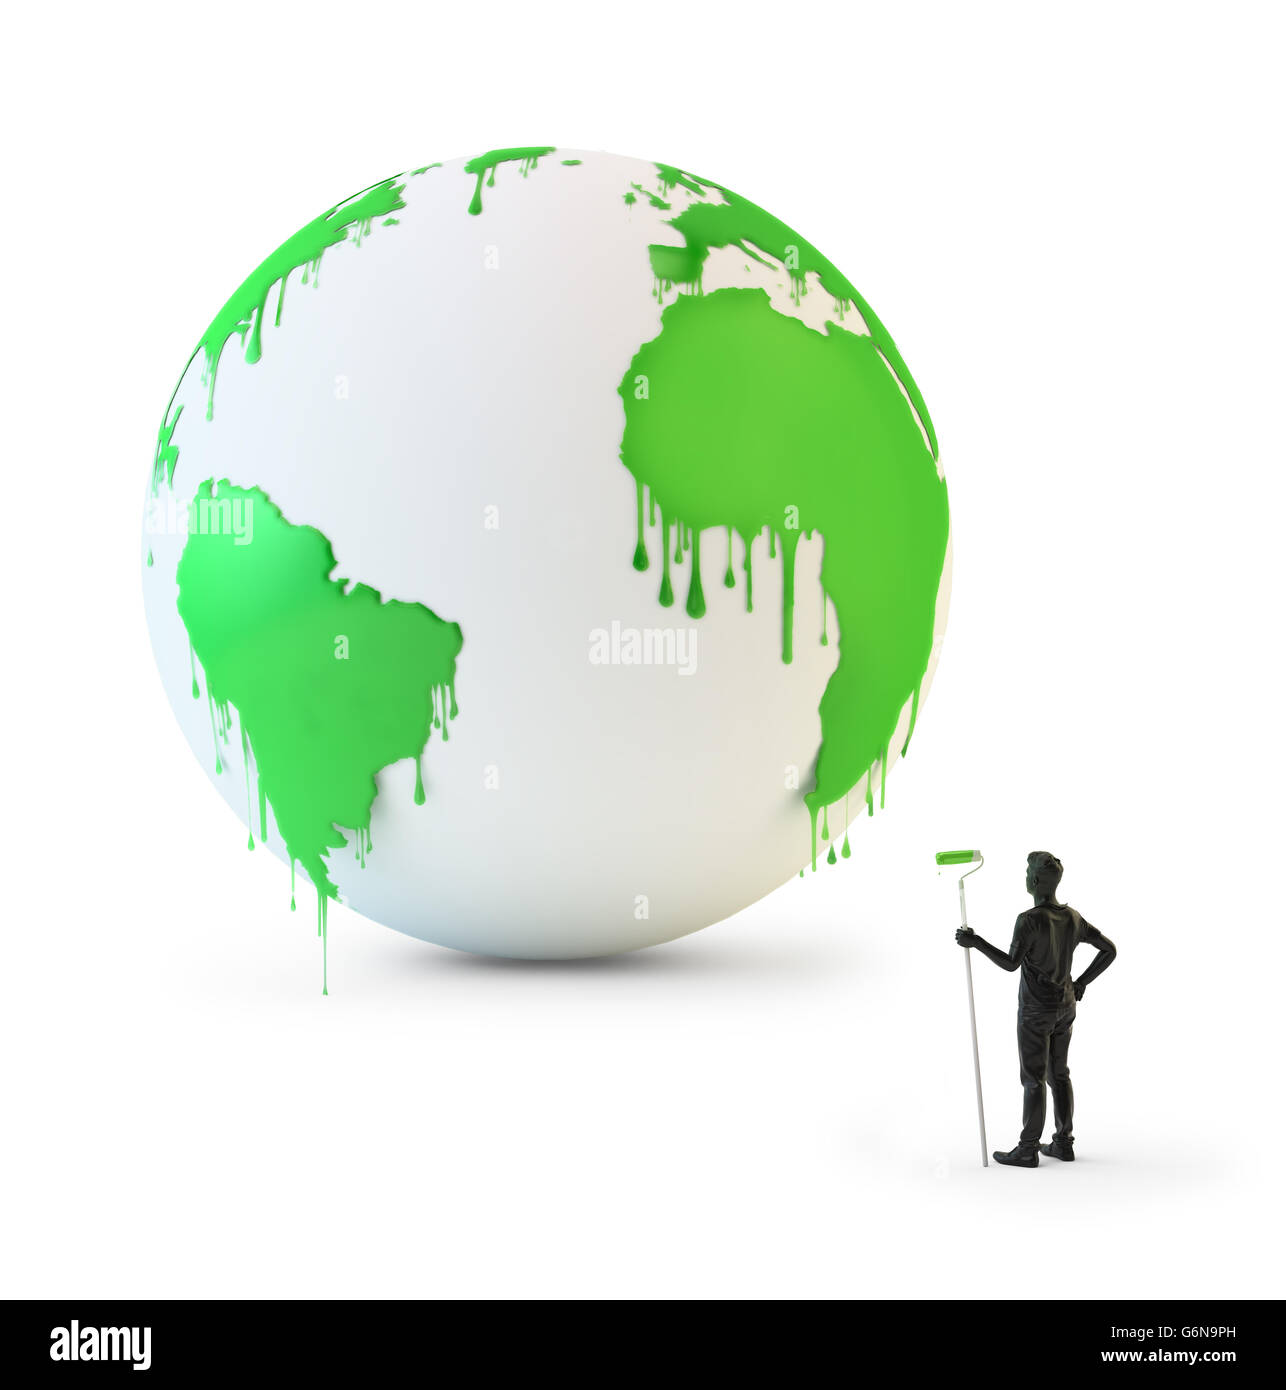 Pintura mojada chorreando desde un globo - Concepto de protección ambiental ilustración 3D Imagen De Stock